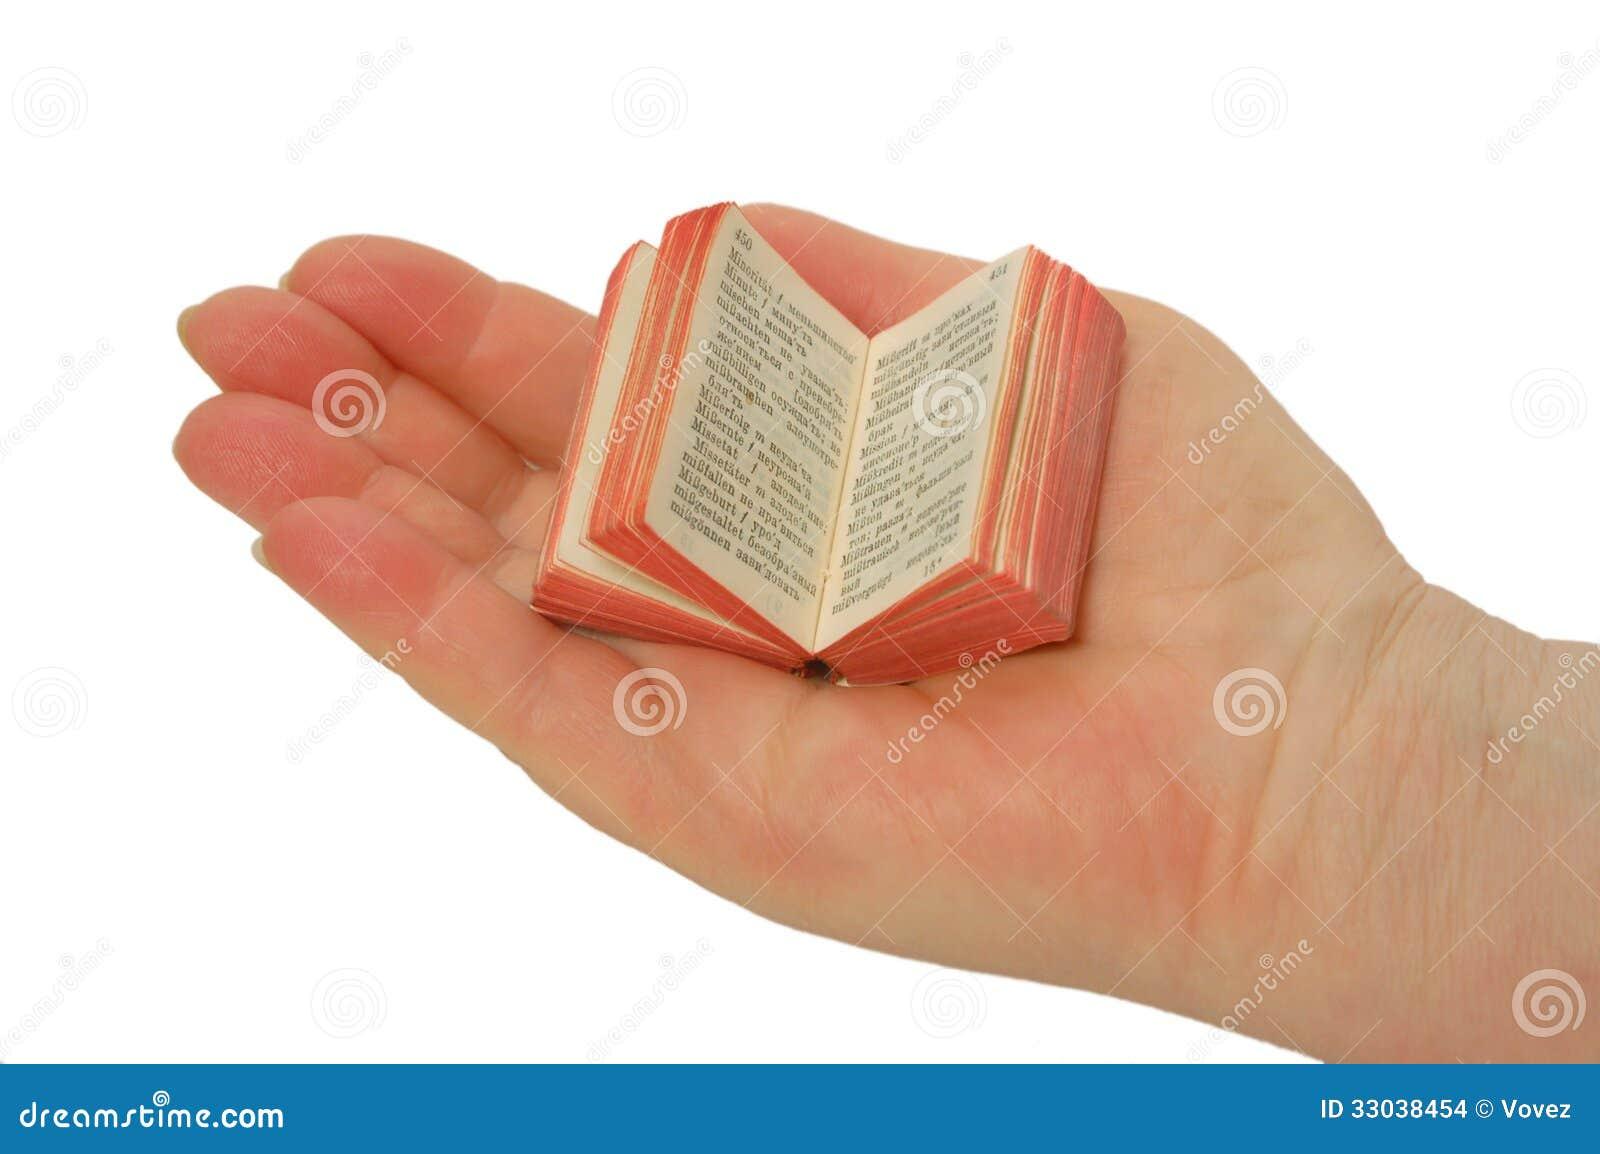 Ein Miniaturbuch auf der Palme